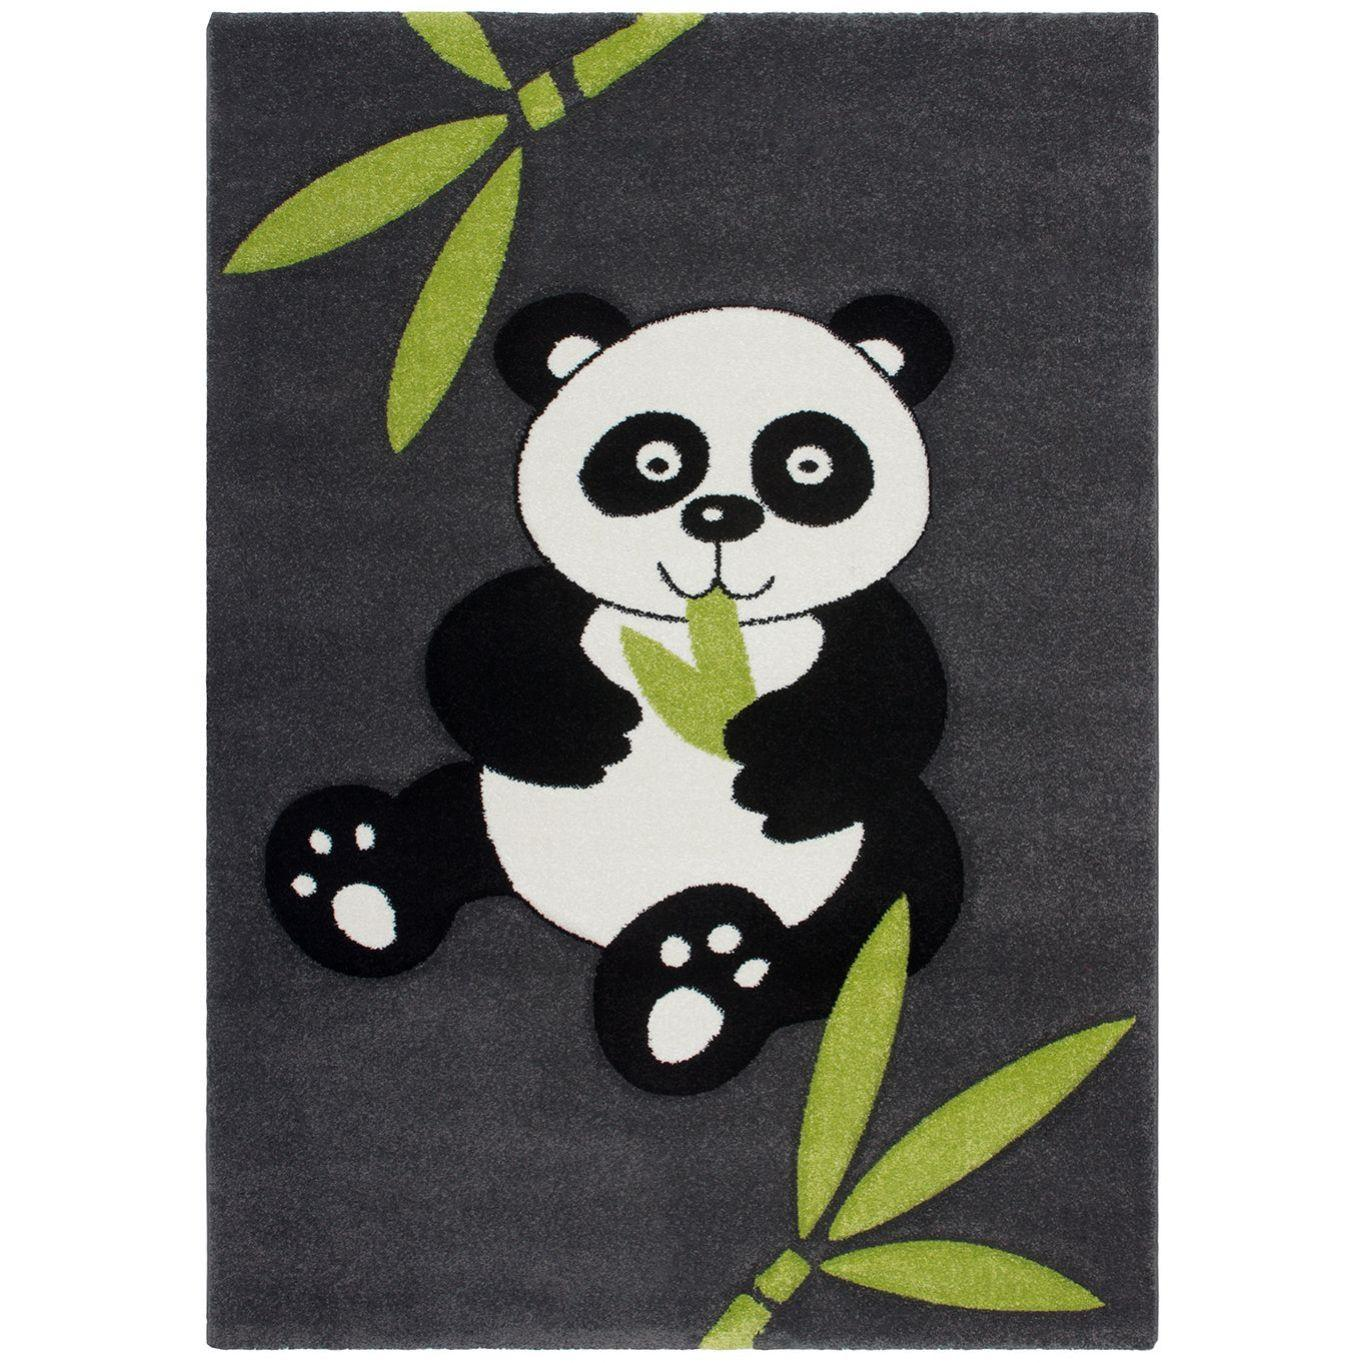 Obsession Detský koberec CALIFORNIA KIDS 153 Panda čierny, od 80x150 cm